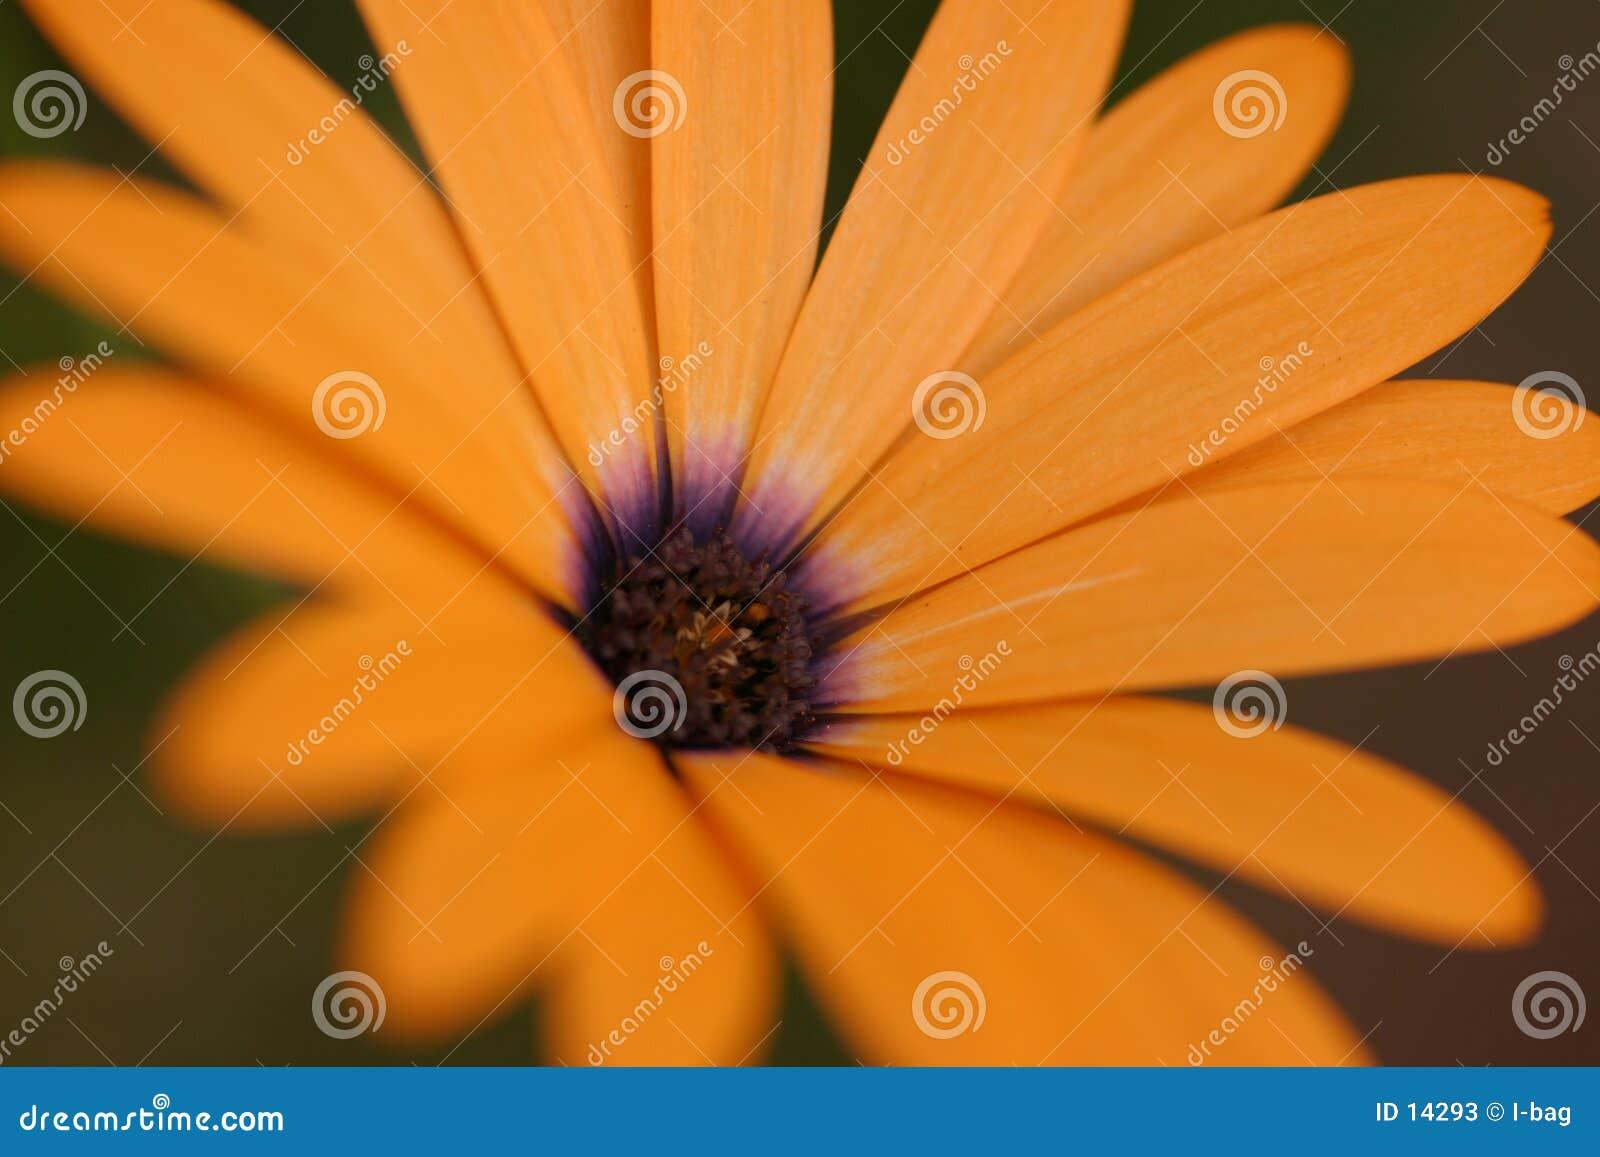 Fiore arancione del fiore